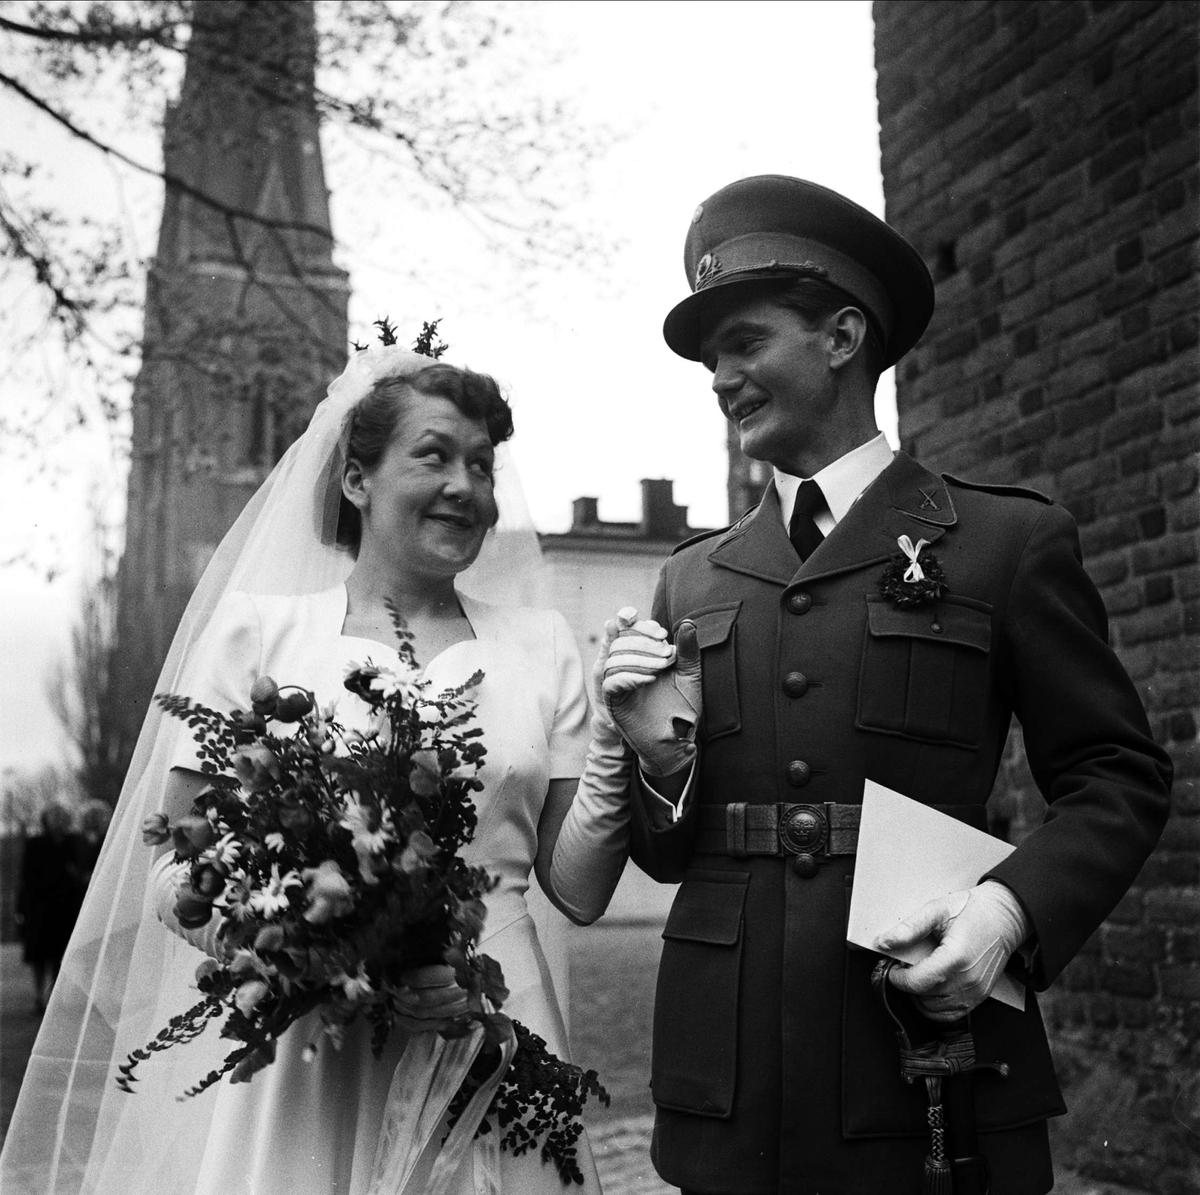 5ad4b75f23c1 Bröllop - brudparet Lundén utanför Helga Trefaldighets kyrka, Uppsala 1948